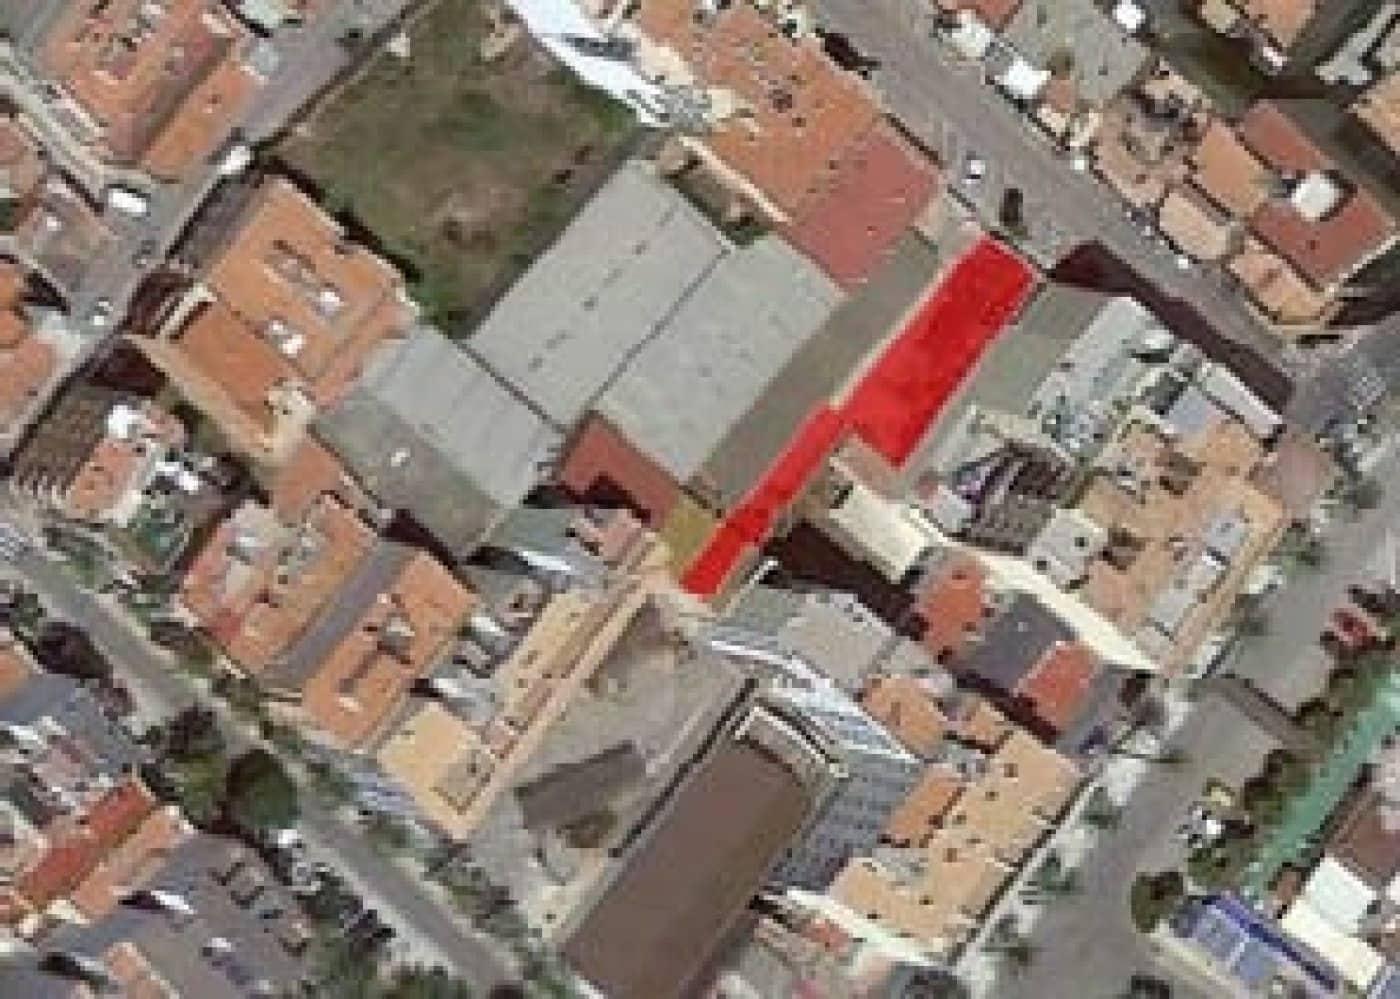 Działka budowlana na sprzedaż w Benicarlo - 248 000 € (Ref: 6168863)